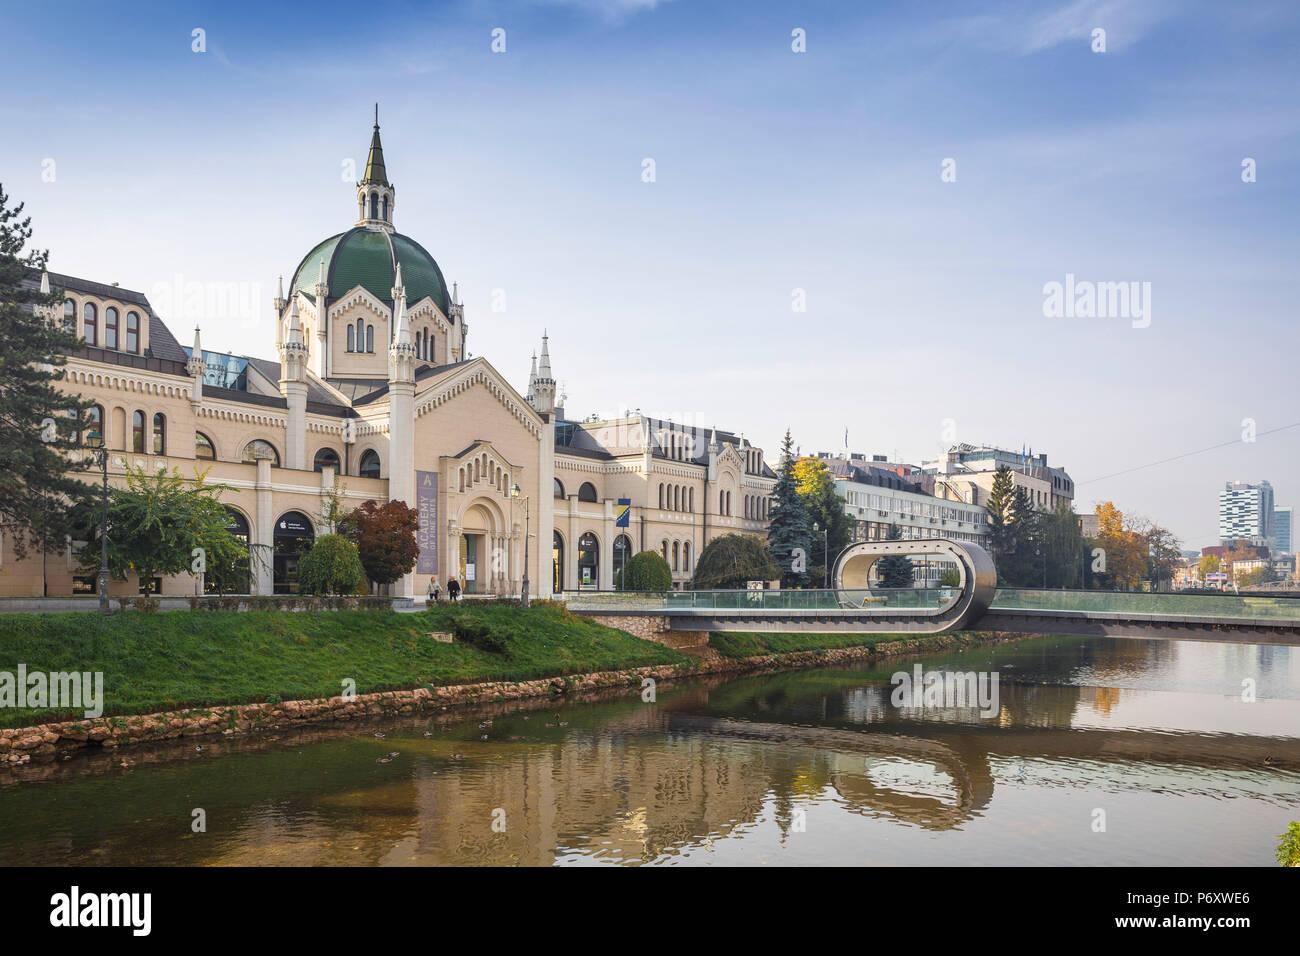 Bosnia y Herzegovina, Sarajevo, Festina lente puente que conduce a la Academia de Bellas Artes, originalmente construido como una iglesia evangélica Imagen De Stock